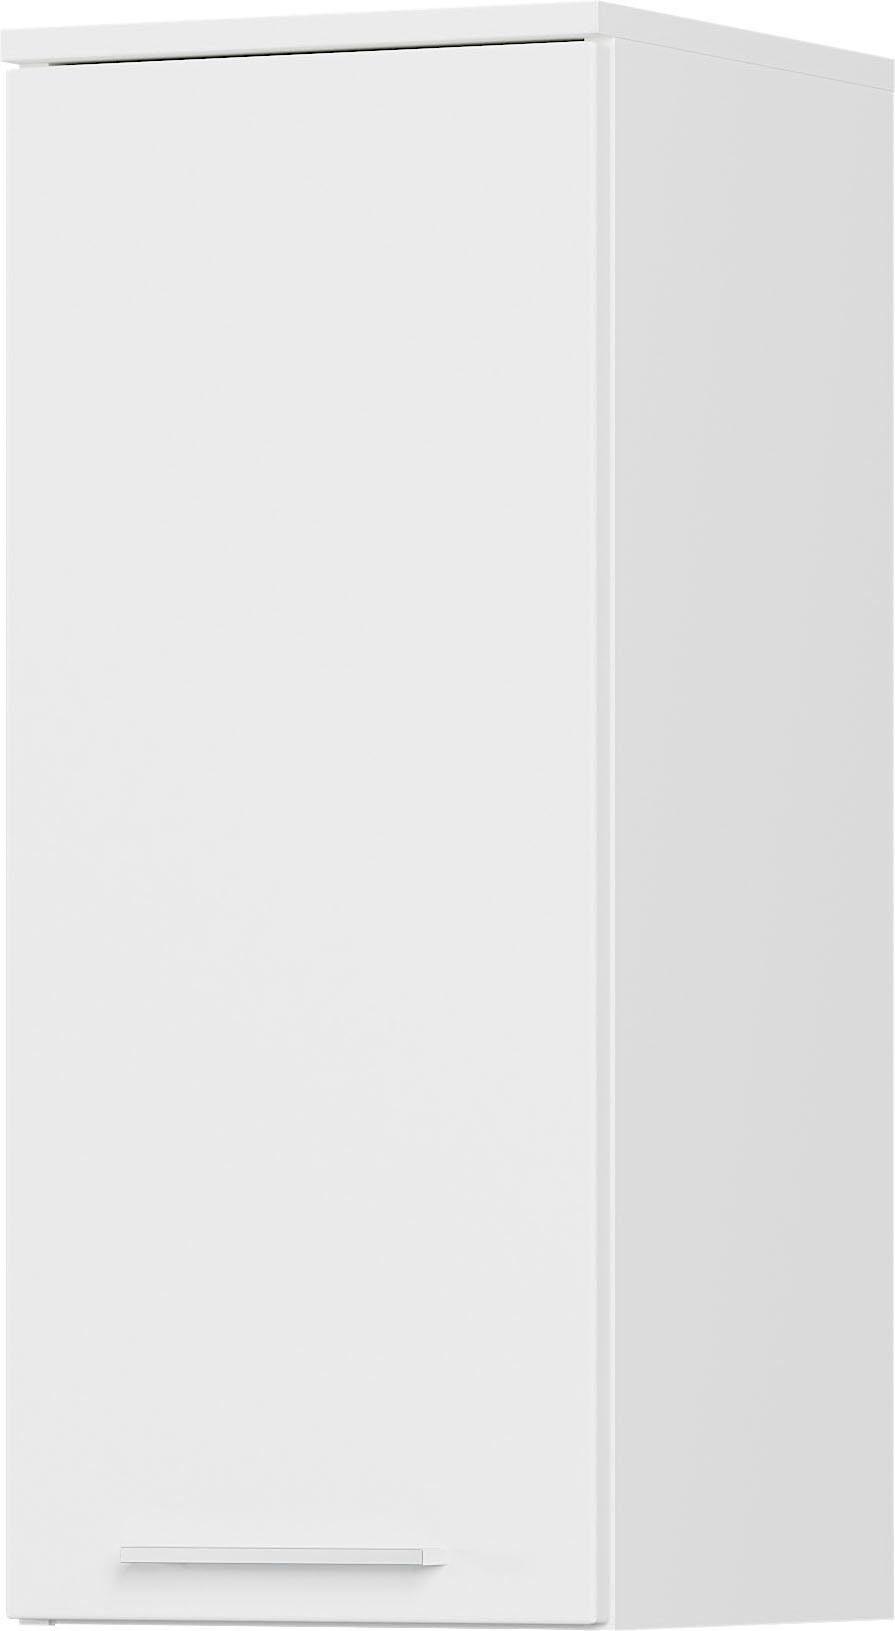 Badkamer hangkast Arvada 73 cm hoog in wit | Germania